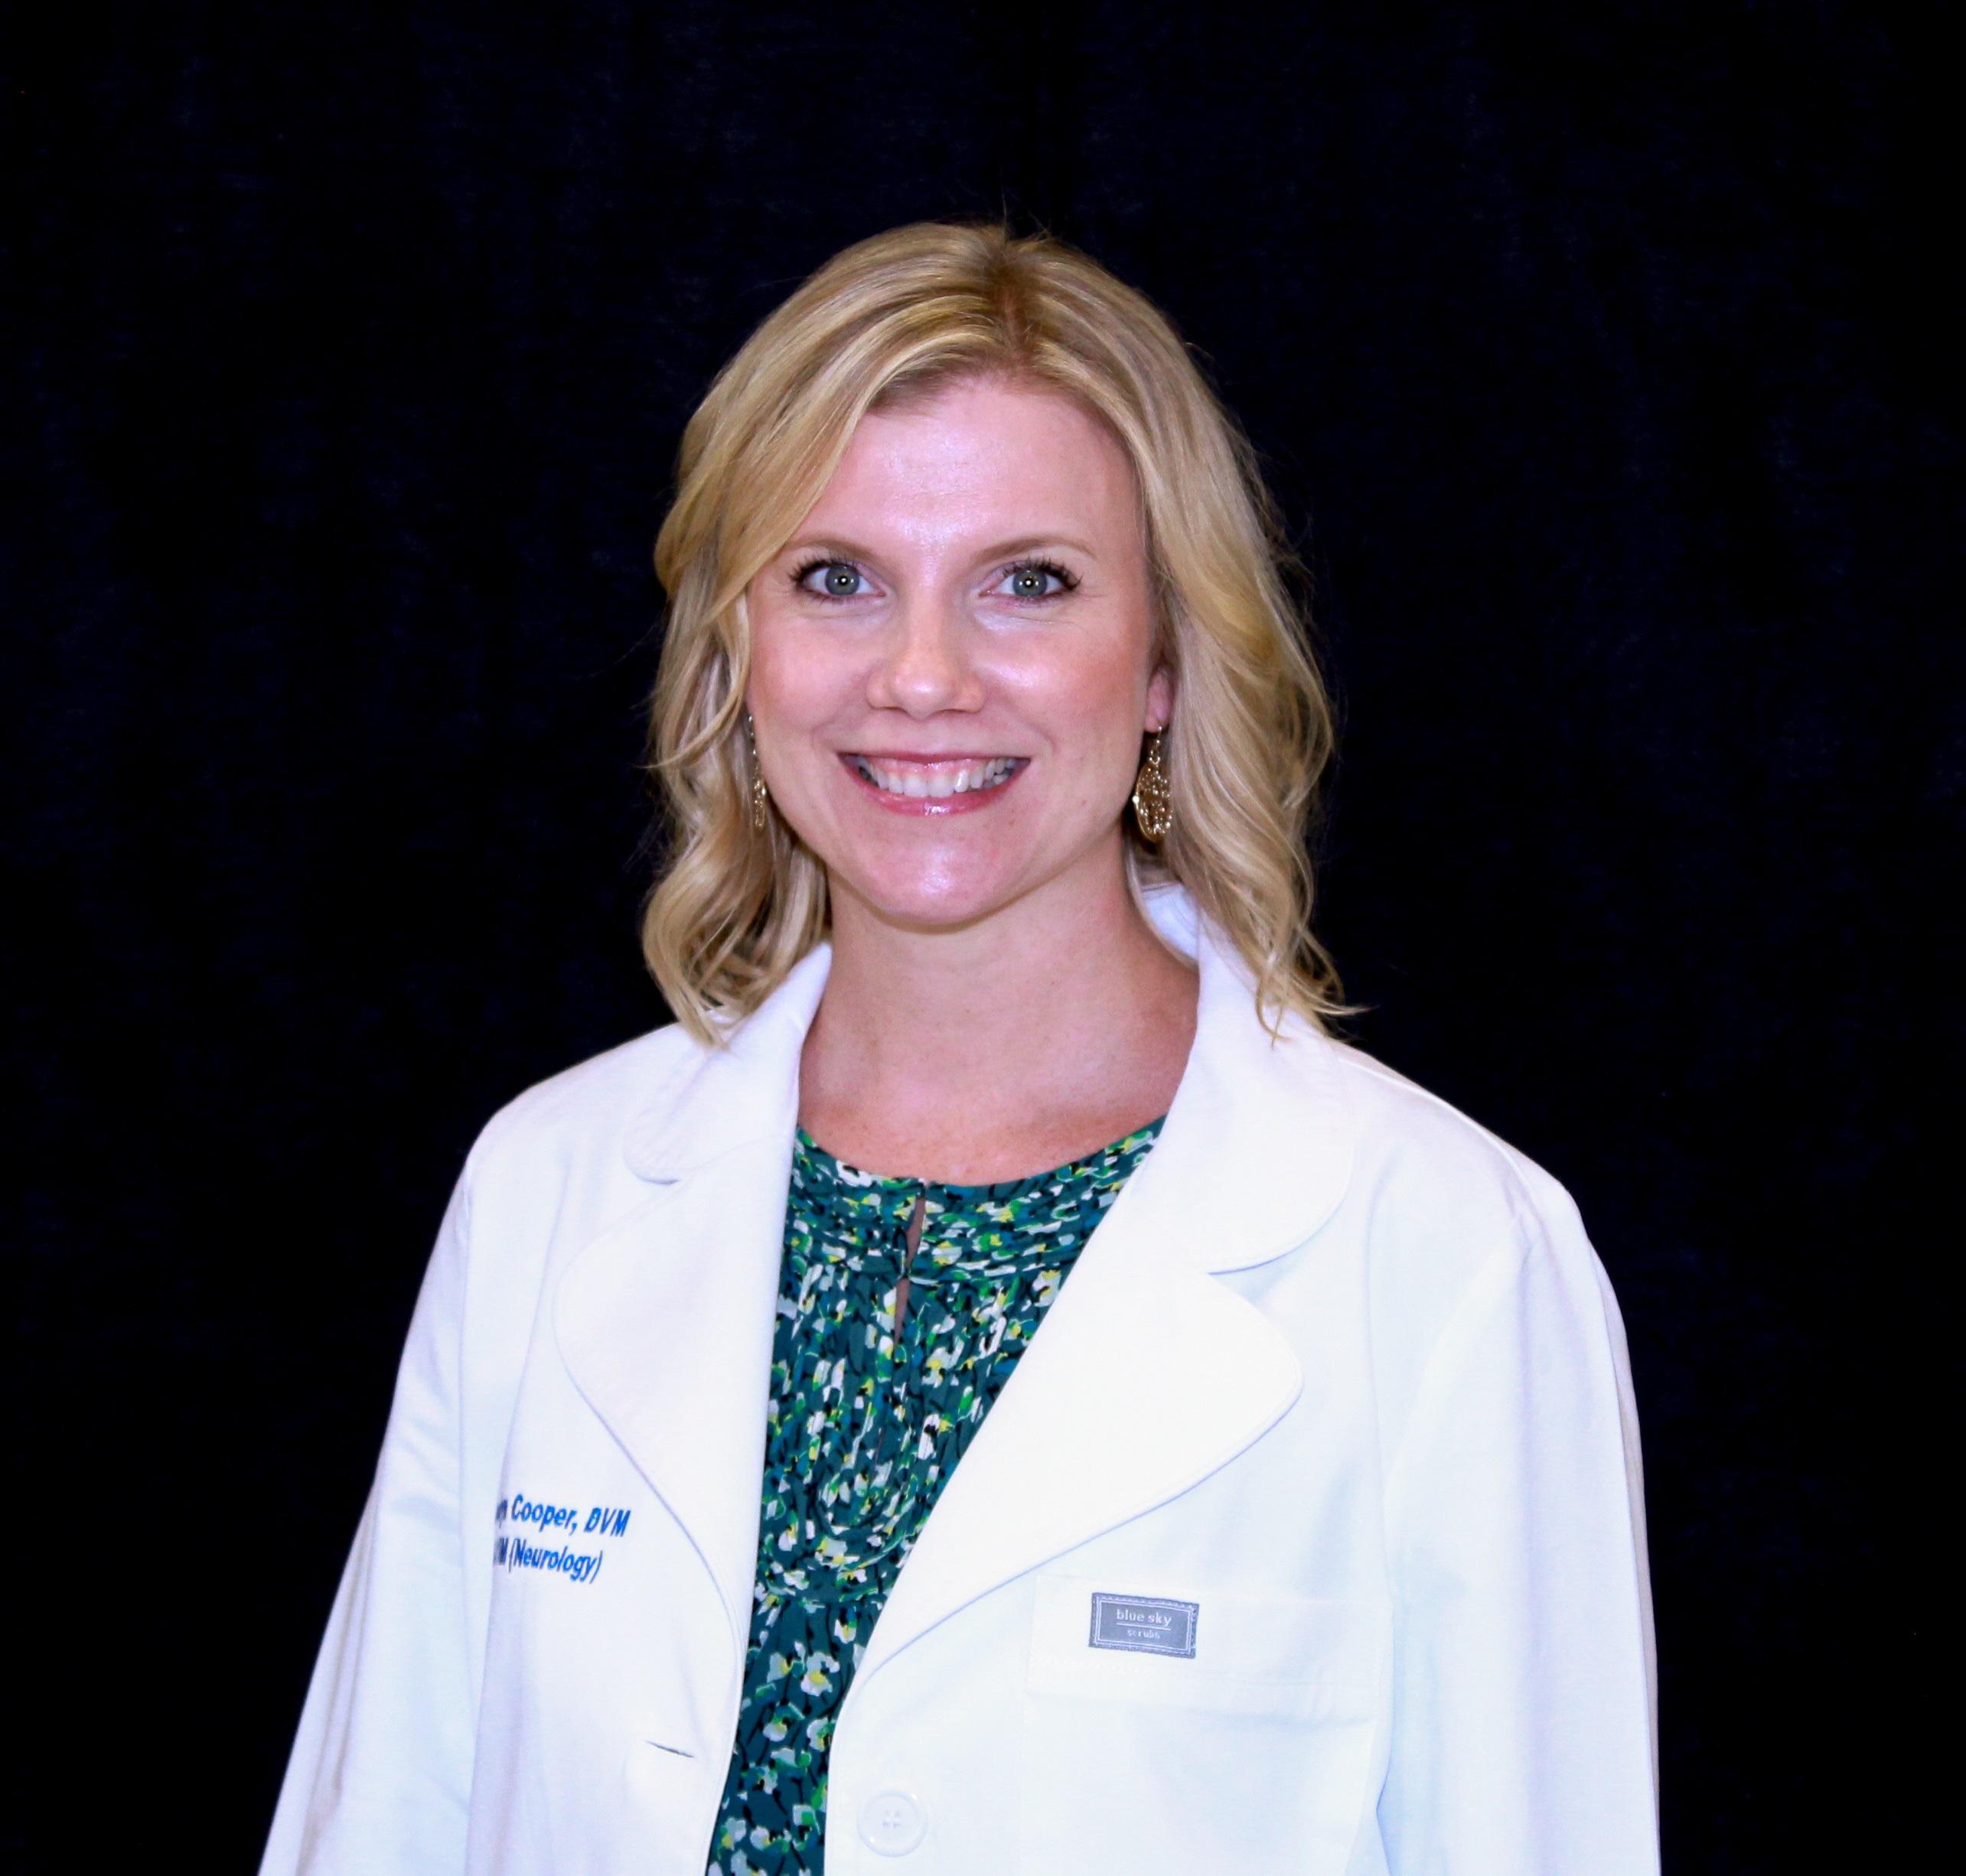 Jocelyn J. Cooper, DVM, DACVIM (Neurology)